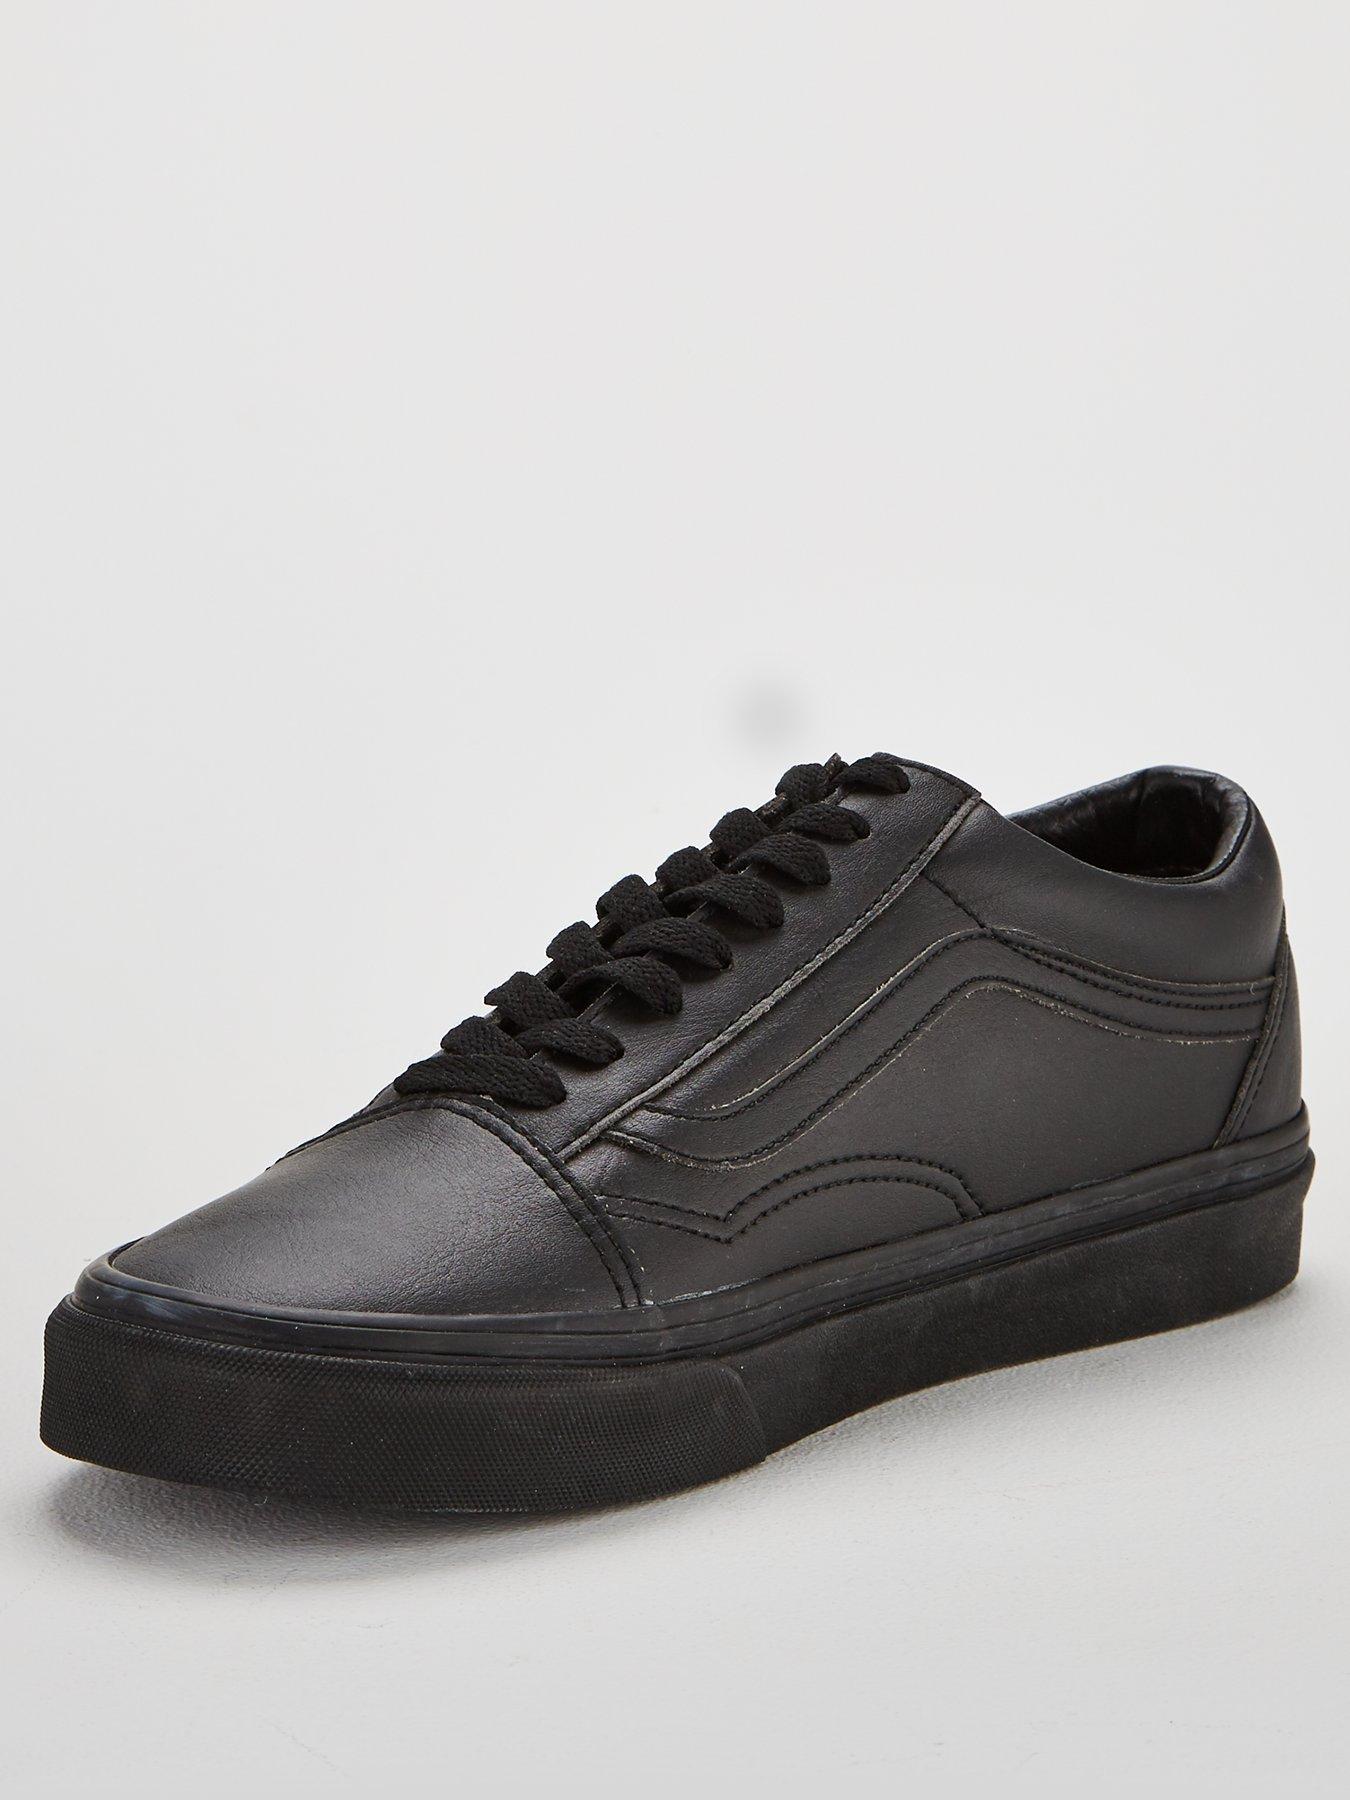 leather vans old skool black